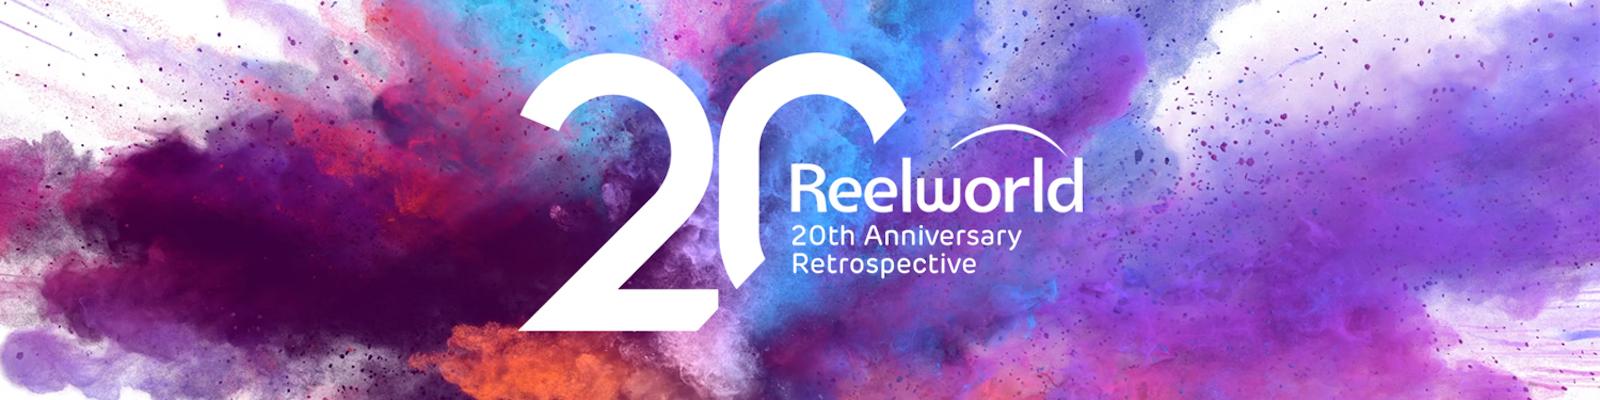 Reelworld 20th Anniversary Retrospective